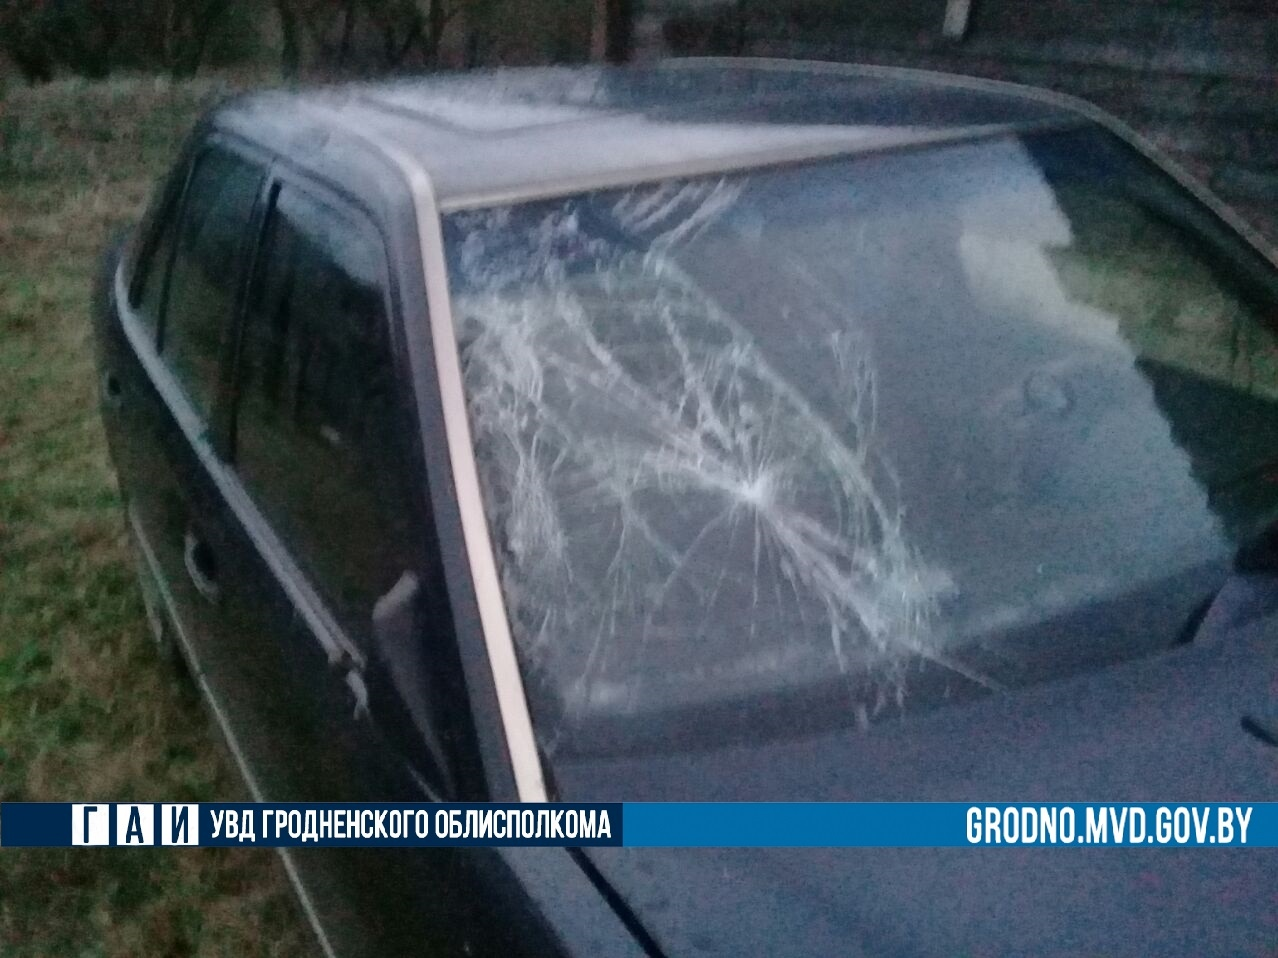 В Лидском районе установили личность водителя, совершившего смертельный наезд